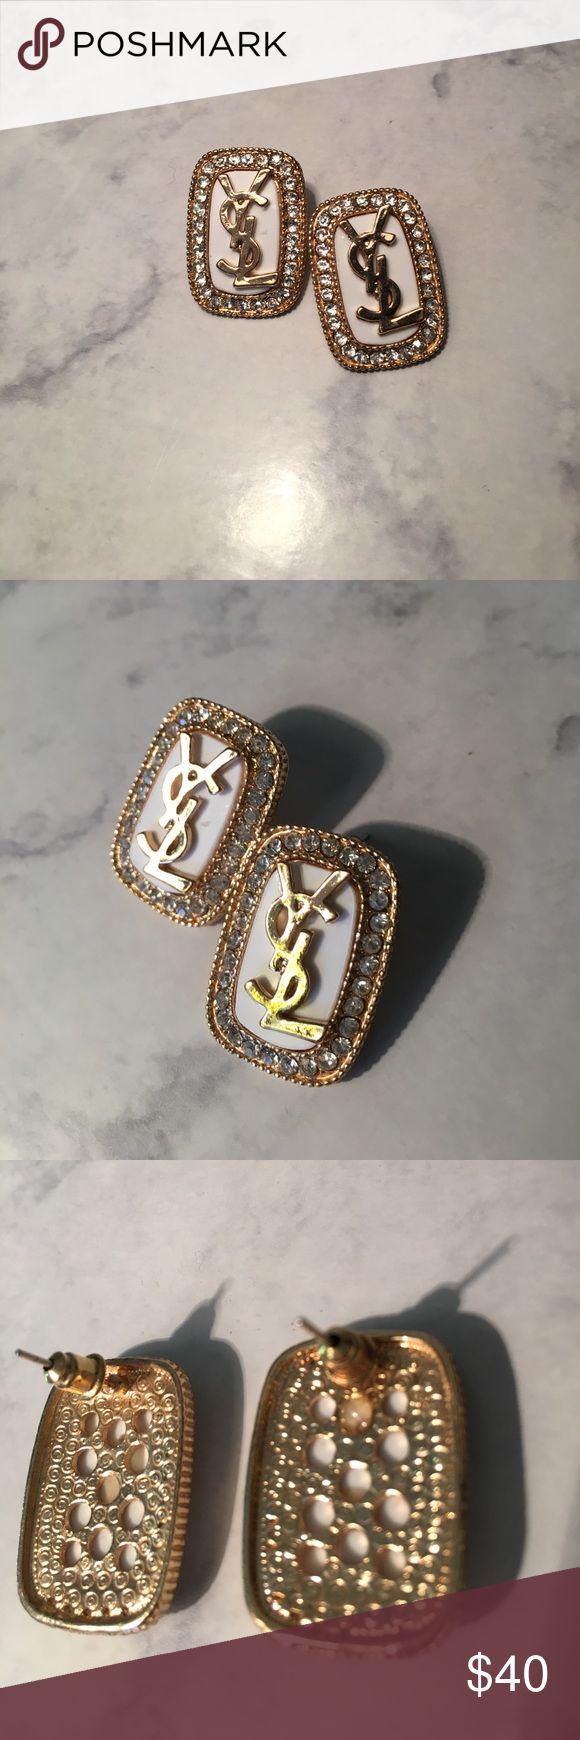 YSL costume jewelry earrings YSL costume jewelry earrings. Jewelry Earrings